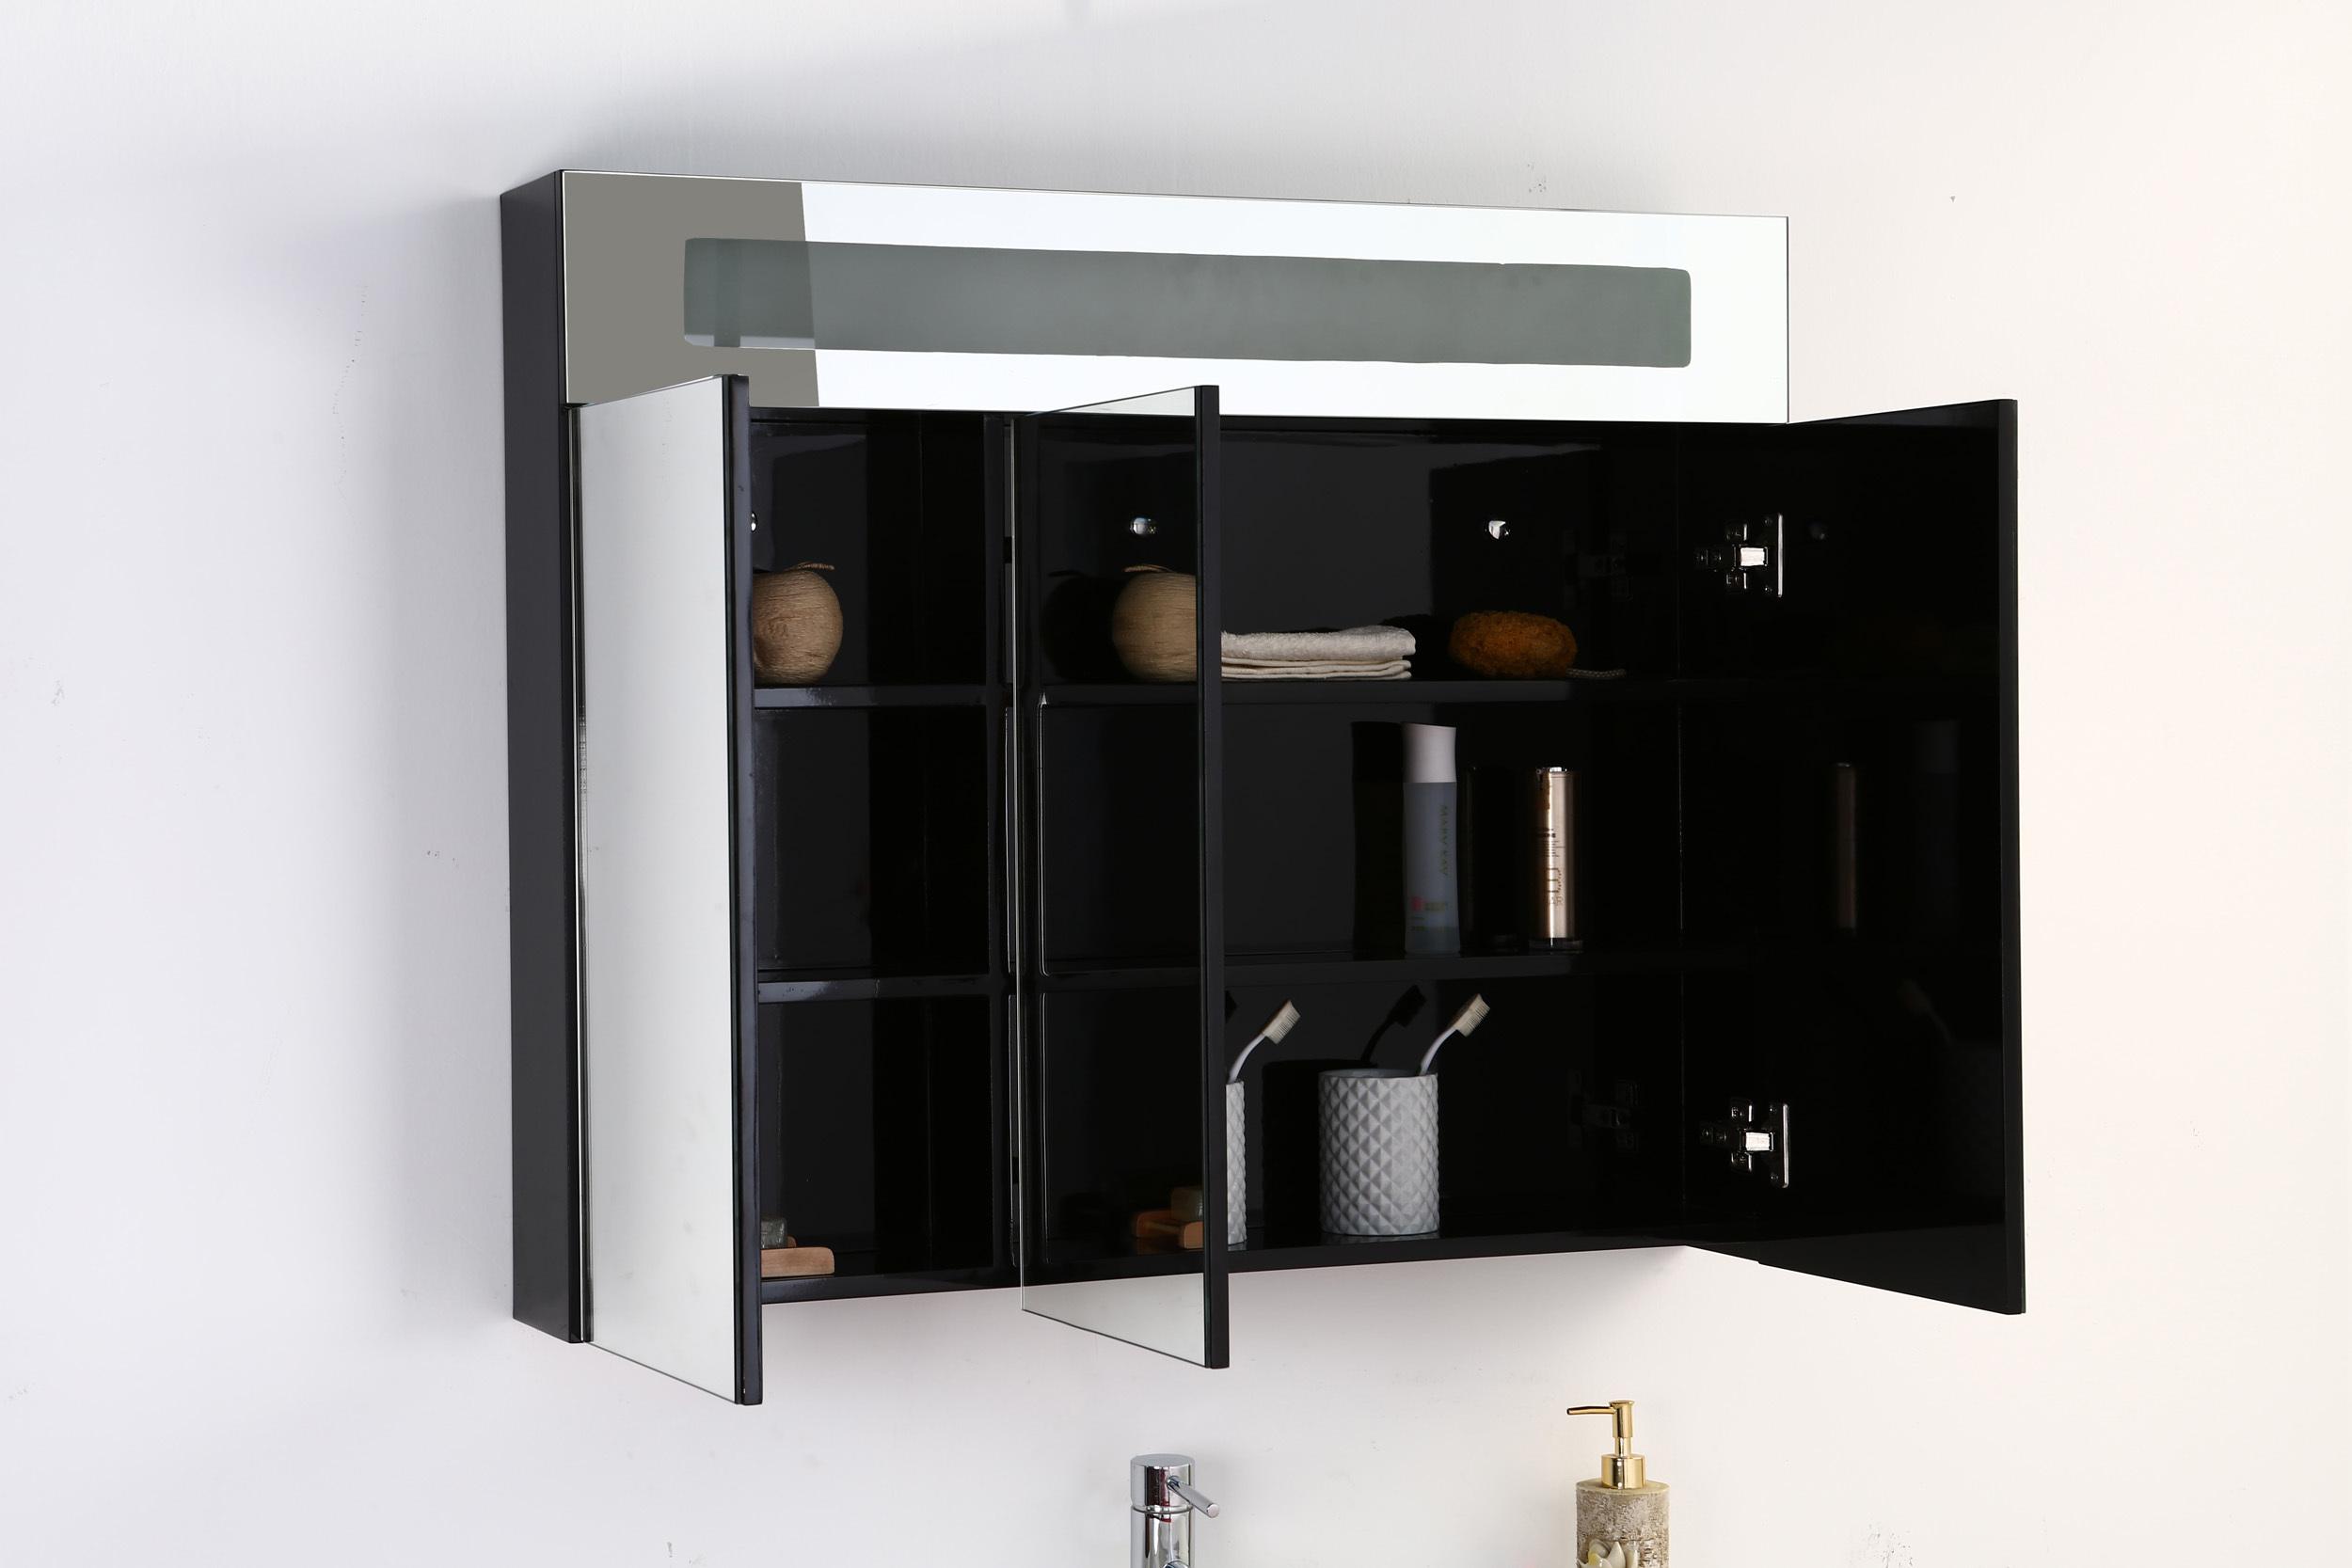 bau dein schrank stunning mein schrank de soest pictures ob als kleider k chen oder. Black Bedroom Furniture Sets. Home Design Ideas